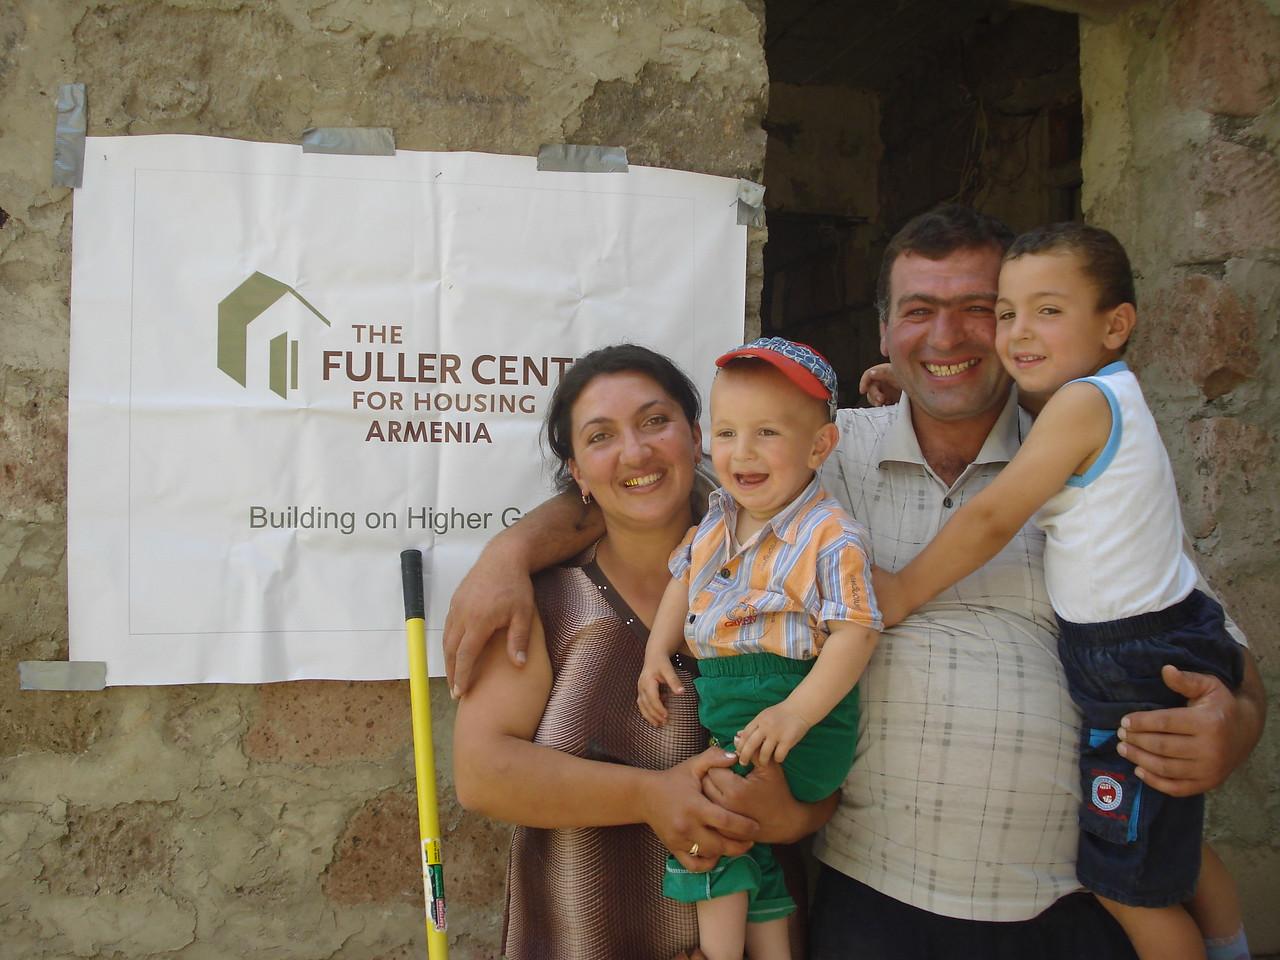 A homeowner partner family in Armenia — The Fuller Center's busiest international covenant partner.